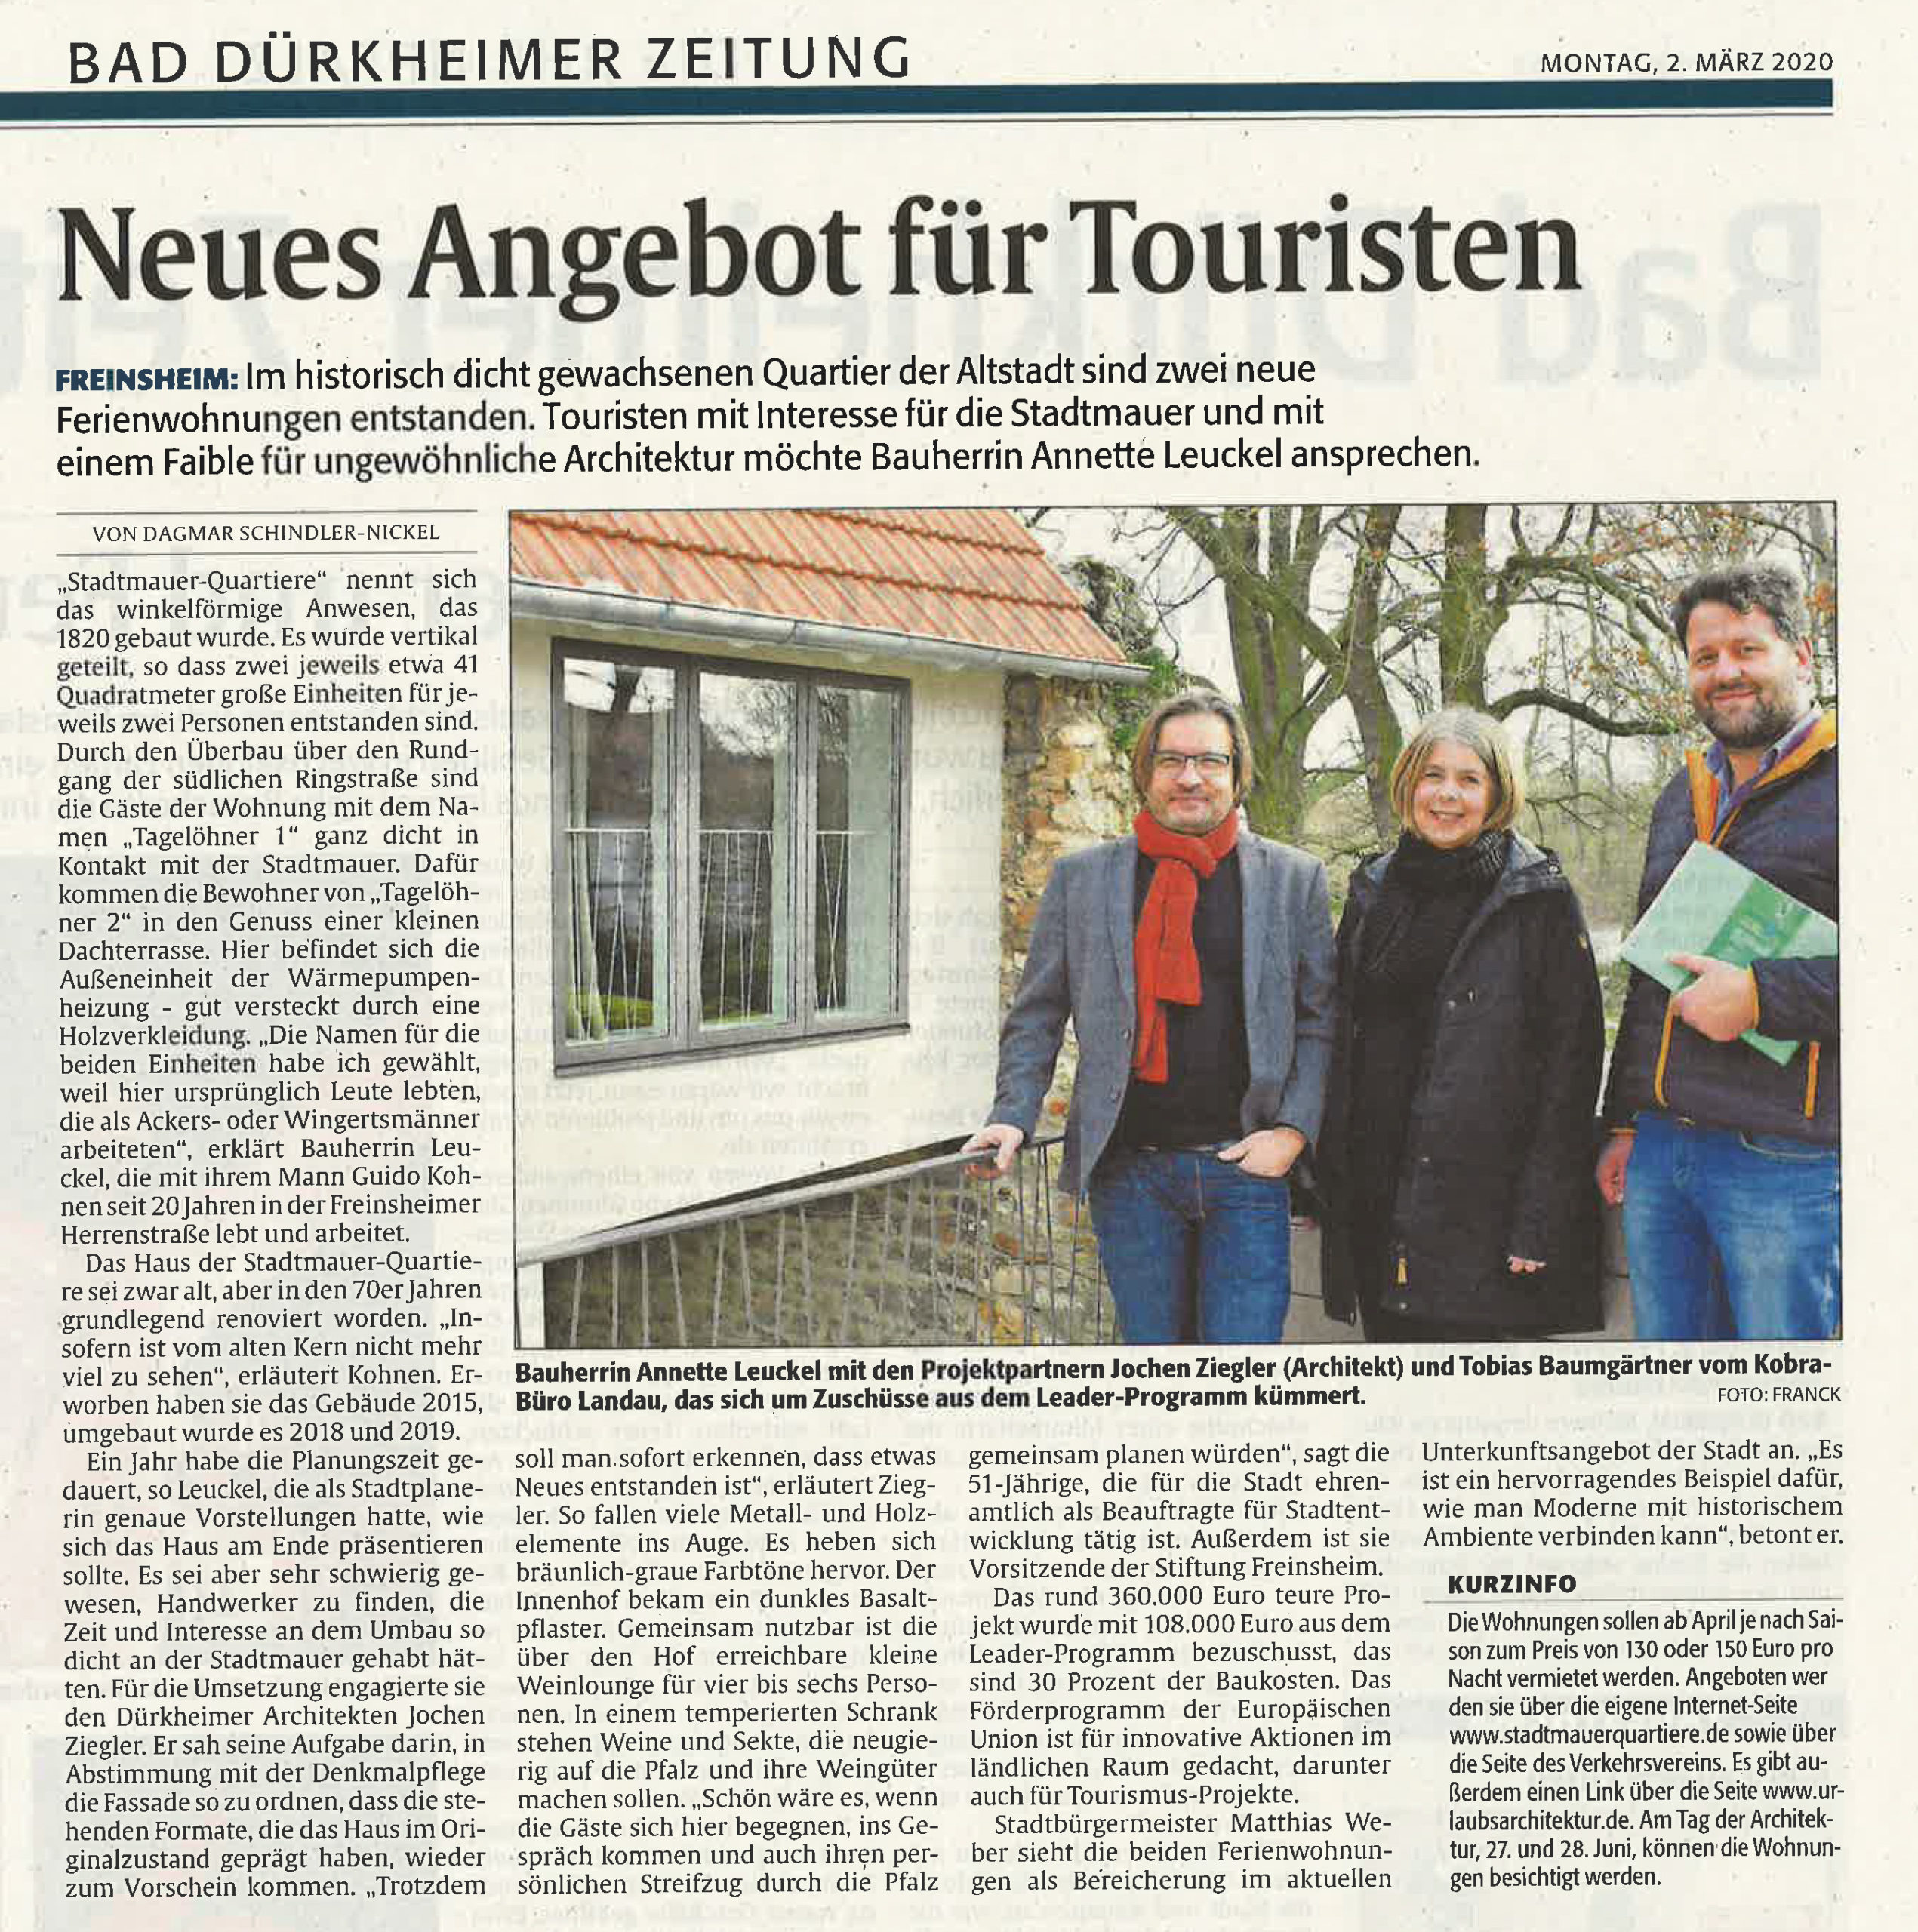 Berichtet in Bad Dürkheimer Zeitung - Rheinpfalz